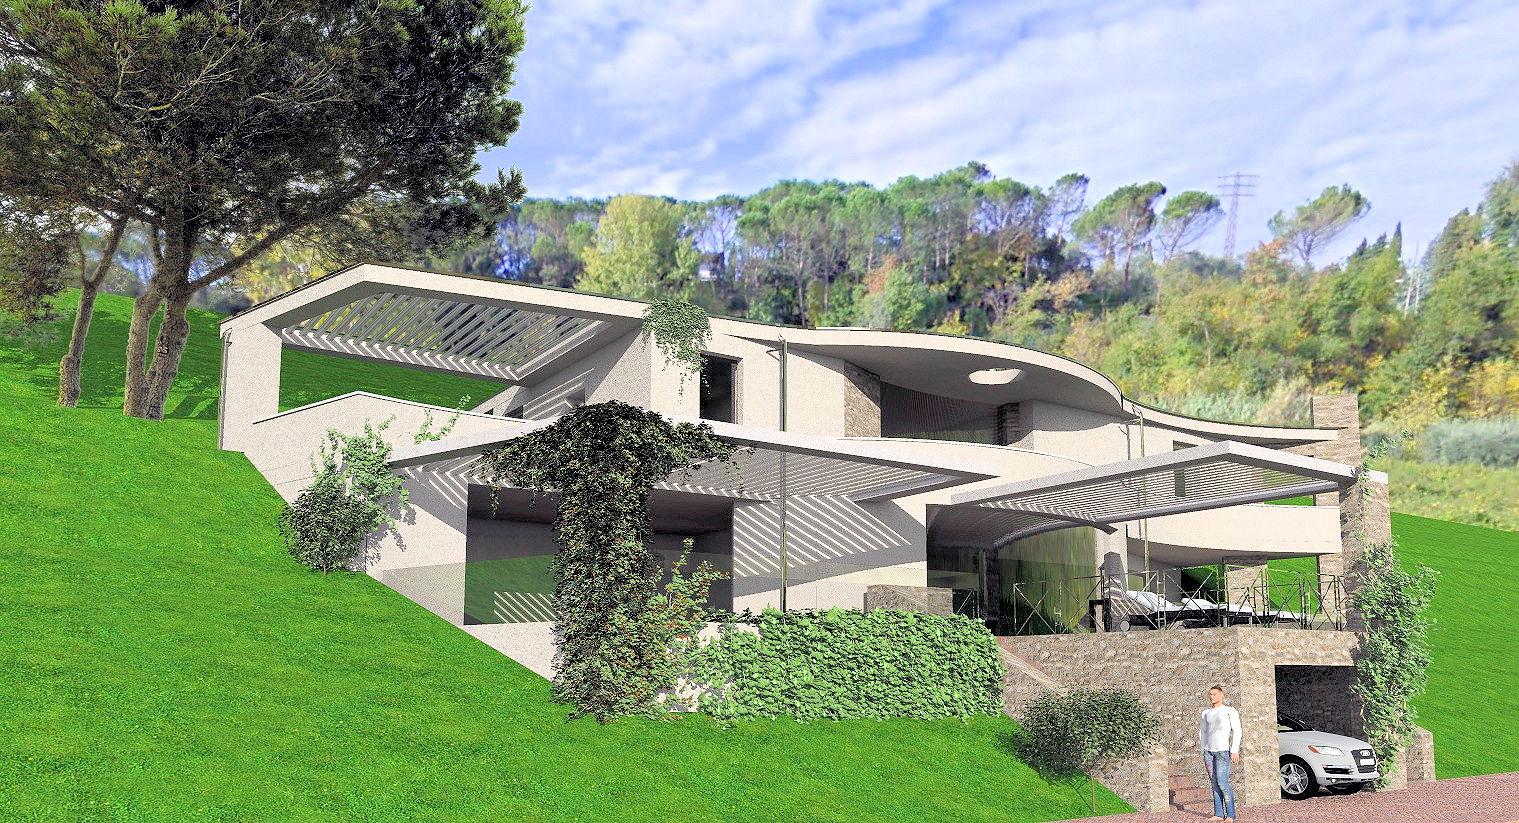 Terreno Edificabile Residenziale in vendita a Buggiano, 9999 locali, zona Località: BorgoaBuggiano, prezzo € 159.000 | CambioCasa.it